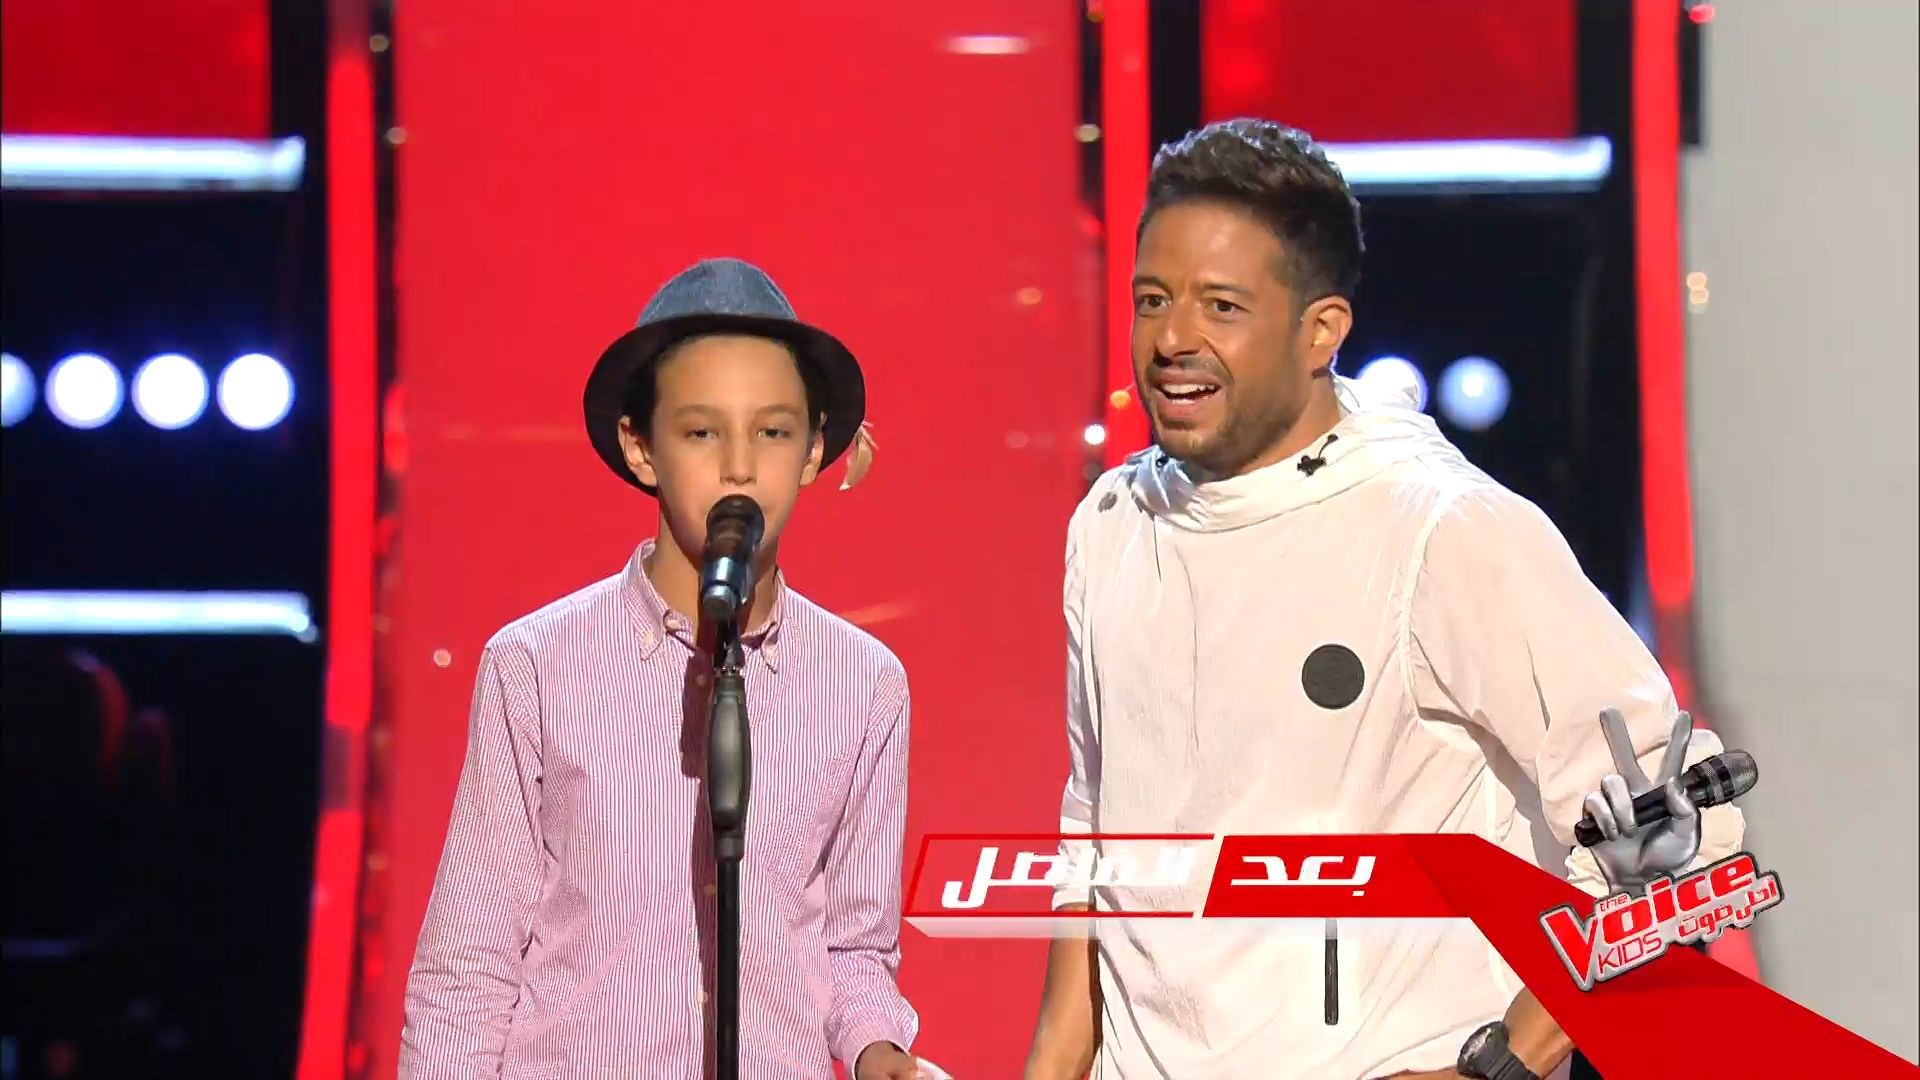 The Voice Kids احلى صوت [ الموسم 3 ] [ الحلقة 4 ] تحميل تورنت 2 arabp2p.com